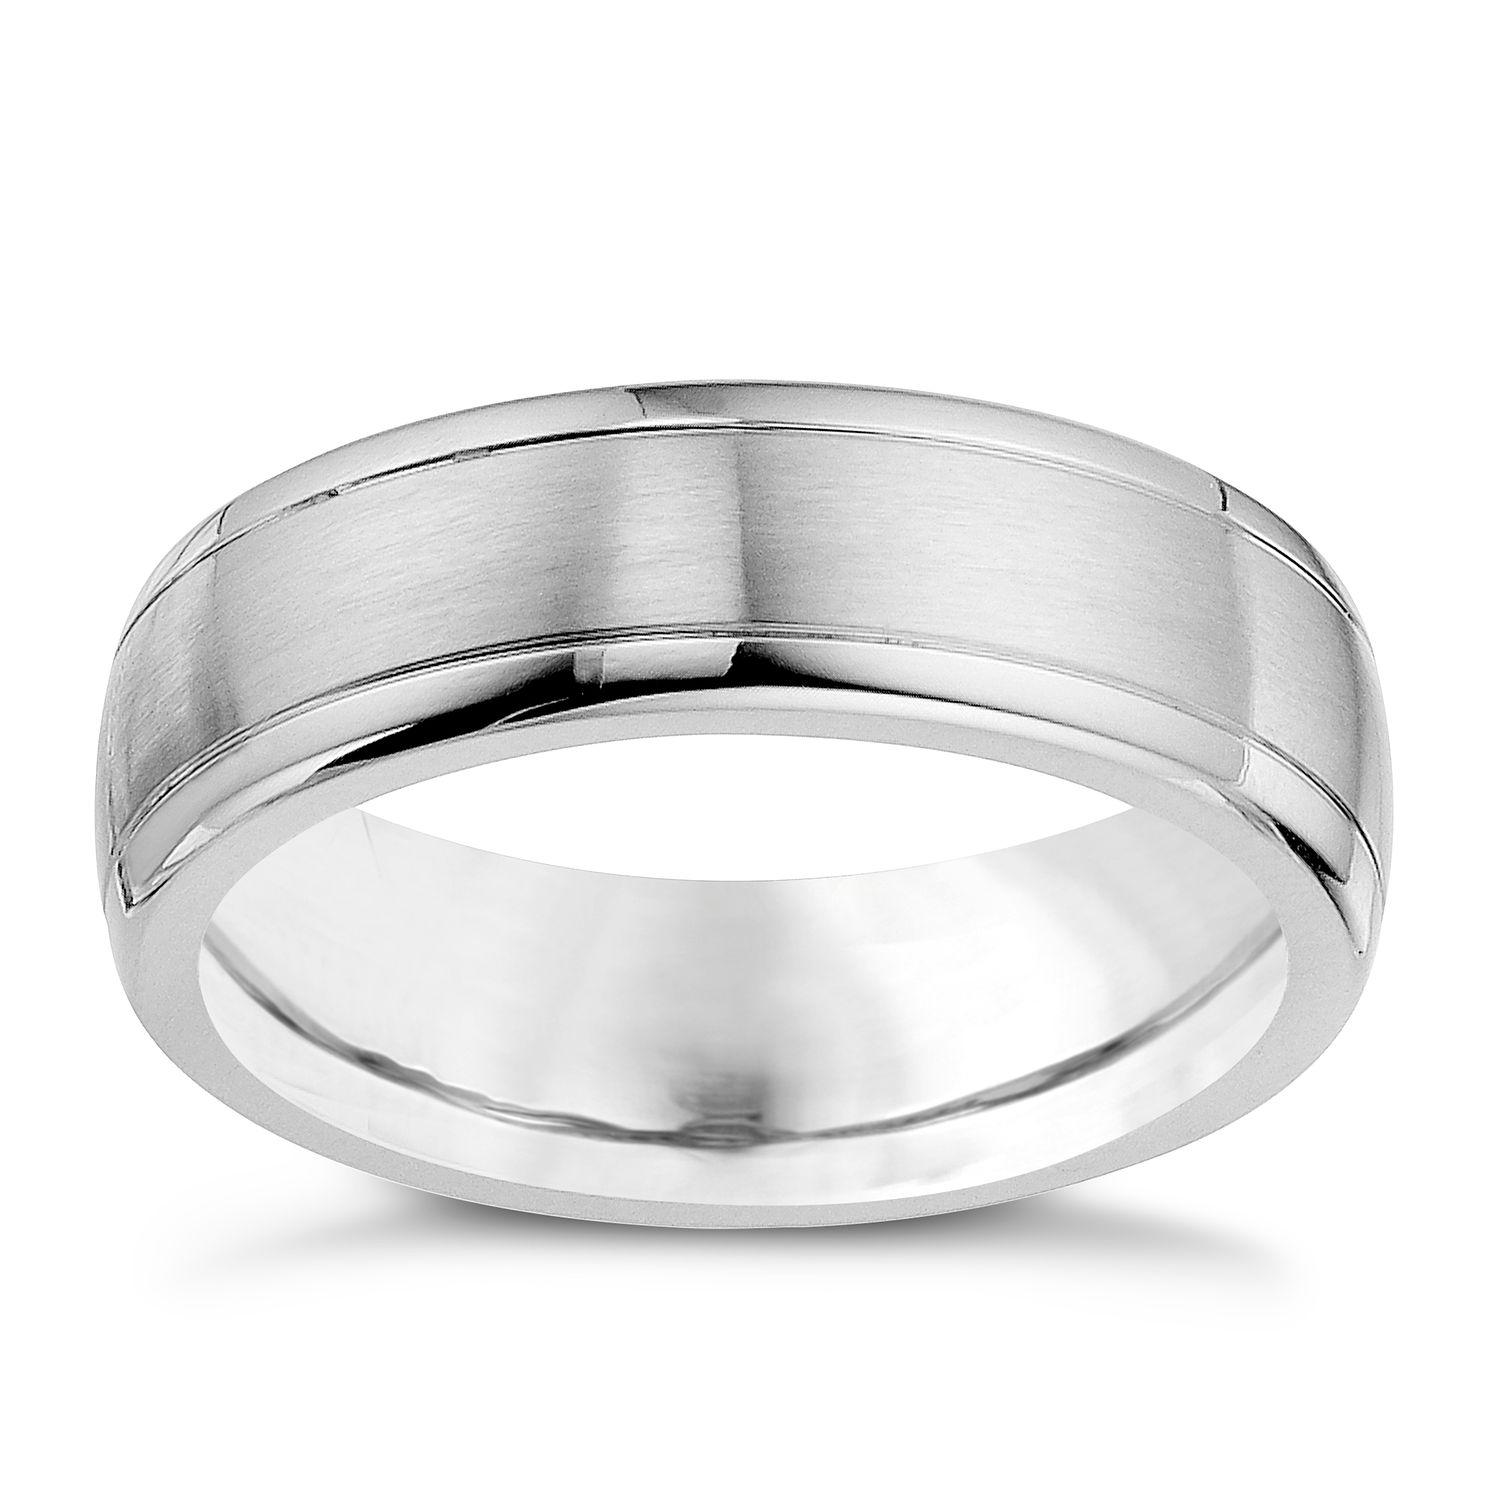 wedding rings men s ernest jones - Titanium Wedding Rings For Men